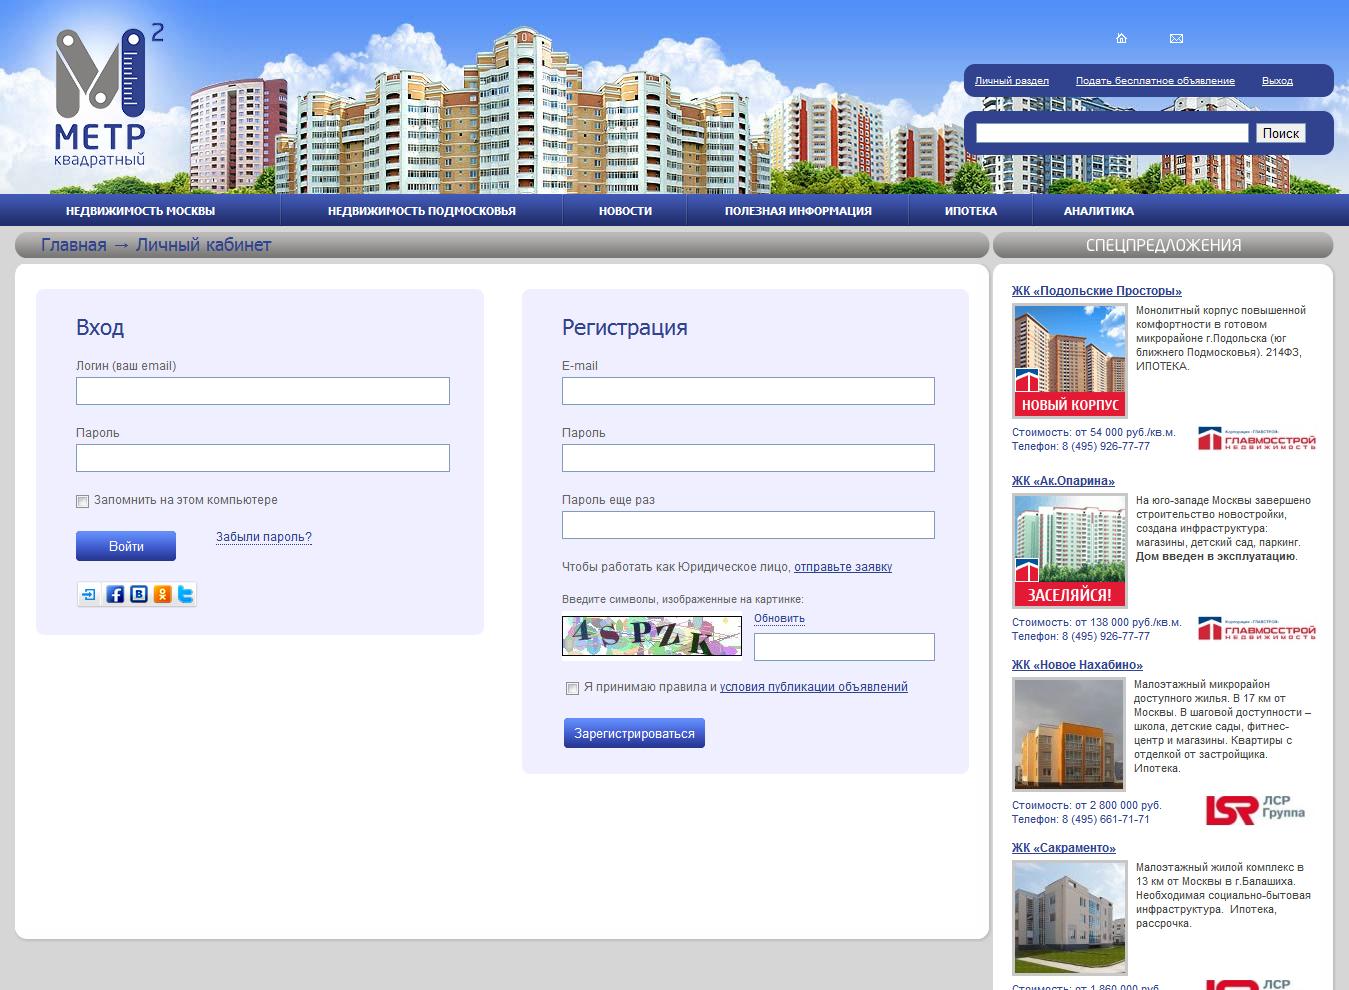 Информационный портал недвижимости. Авторизация/Регистрация. Bitrix.